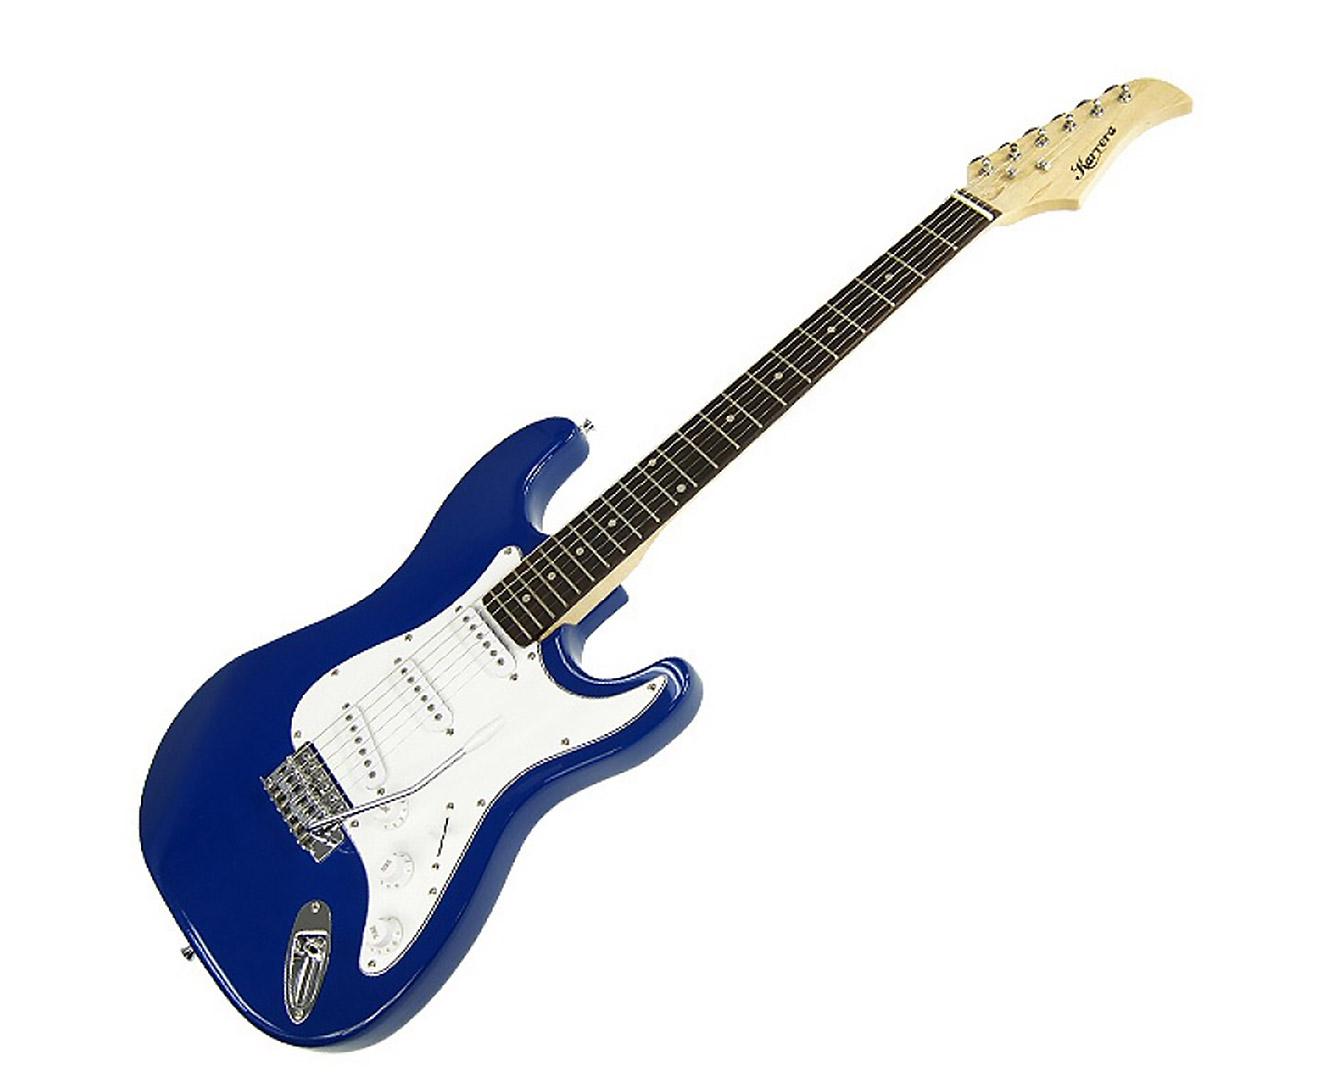 Karrera 39in Electric Guitar - Blue